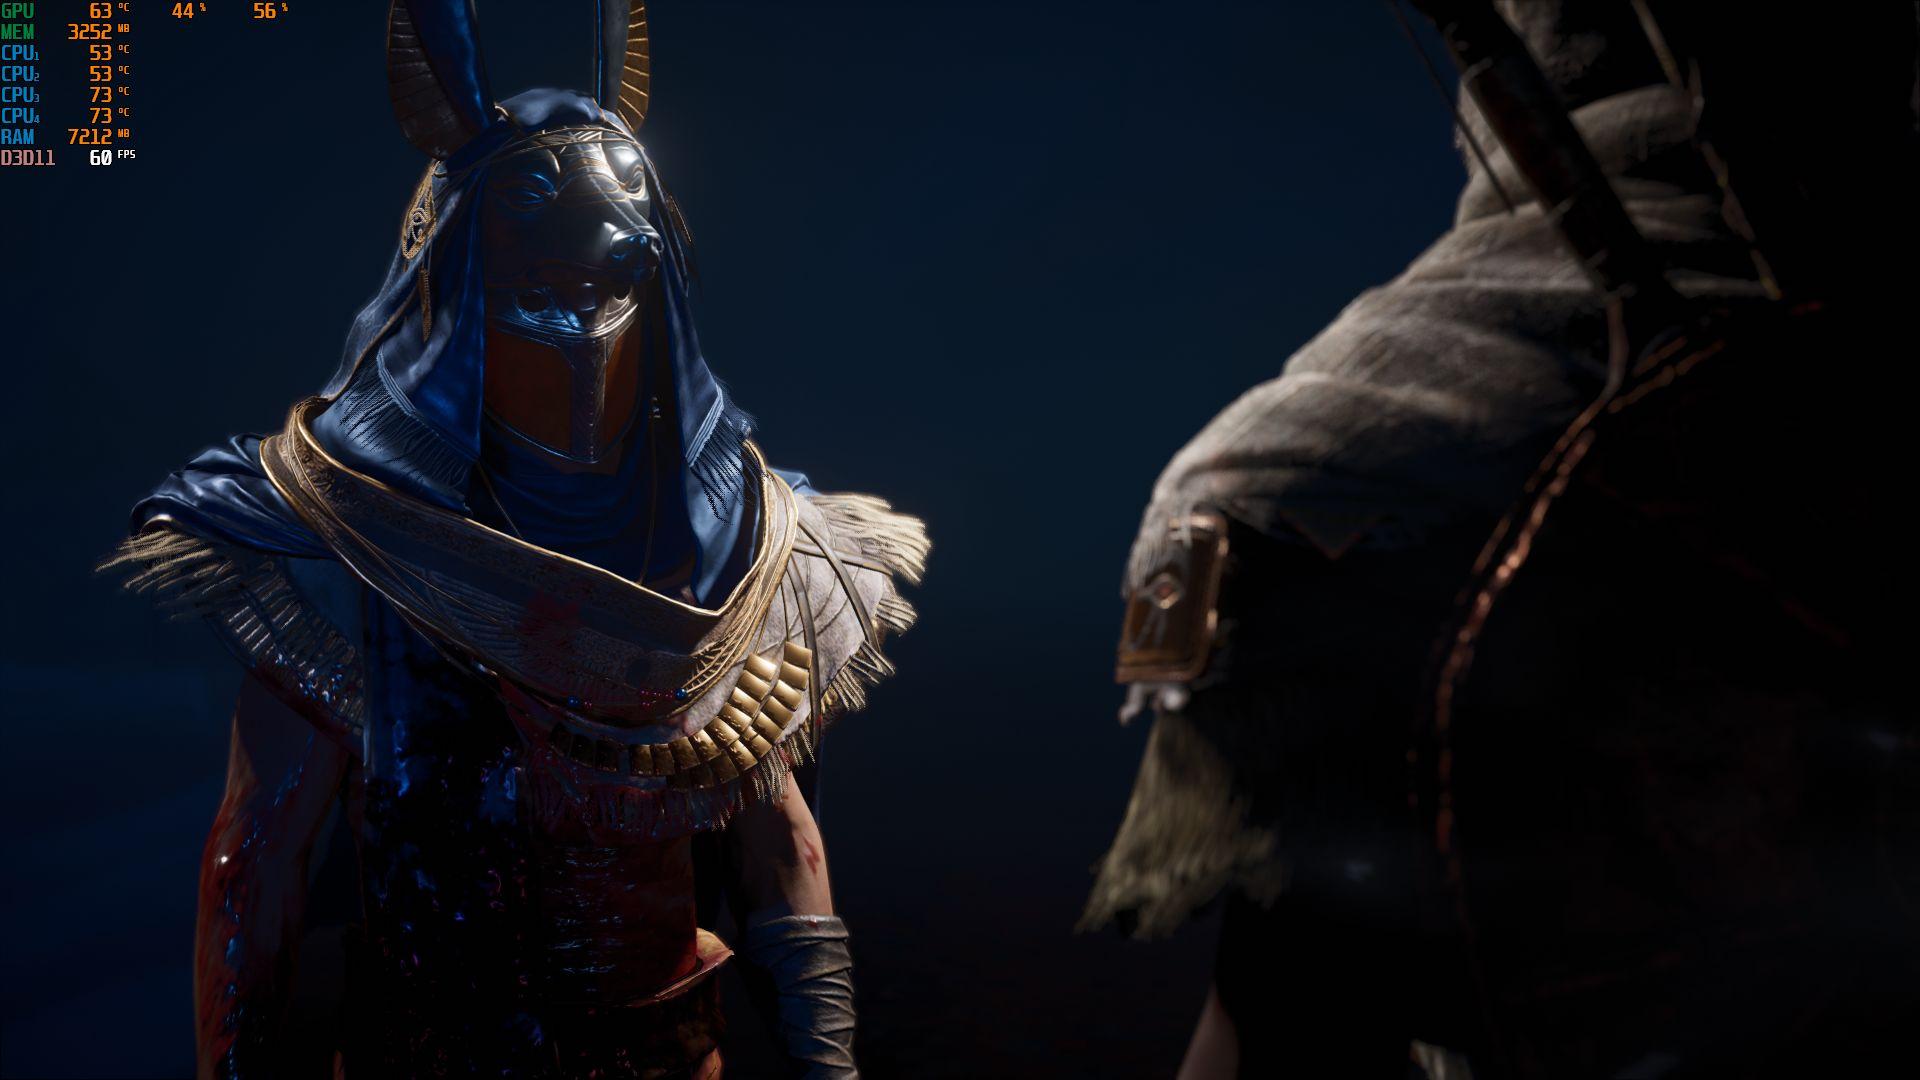 00078.Jpg - Assassin's Creed: Origins